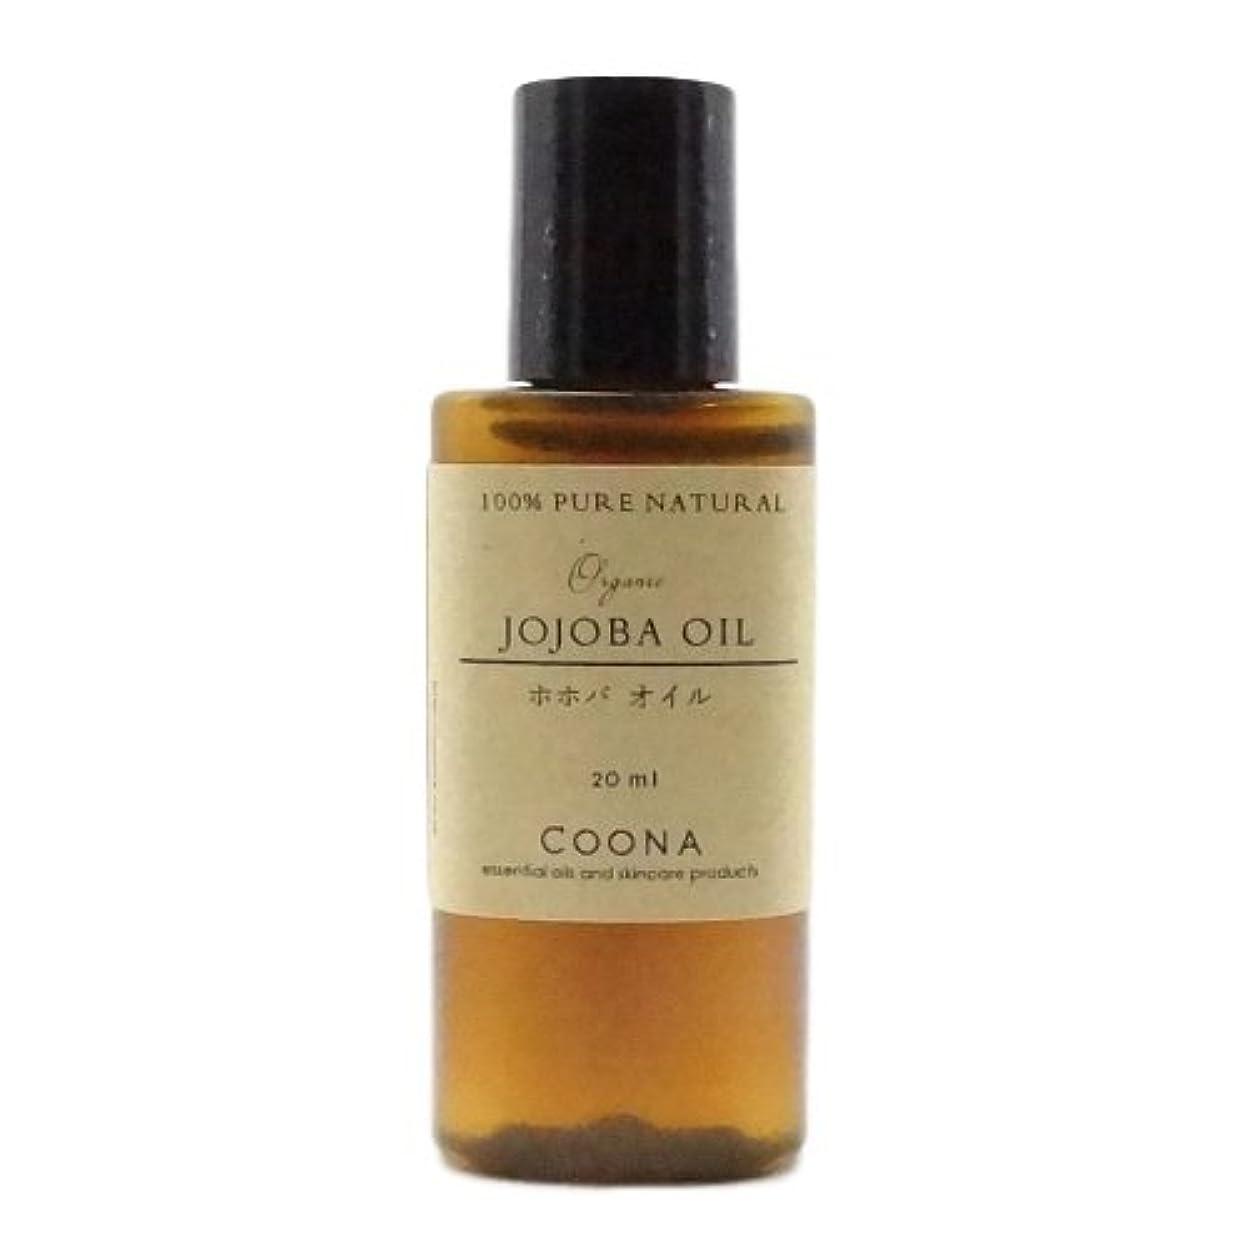 二次活気づくアボートホホバオイル 20 ml (COONA キャリアオイル ベースオイル 100%ピュア ナチュラル 天然植物油)